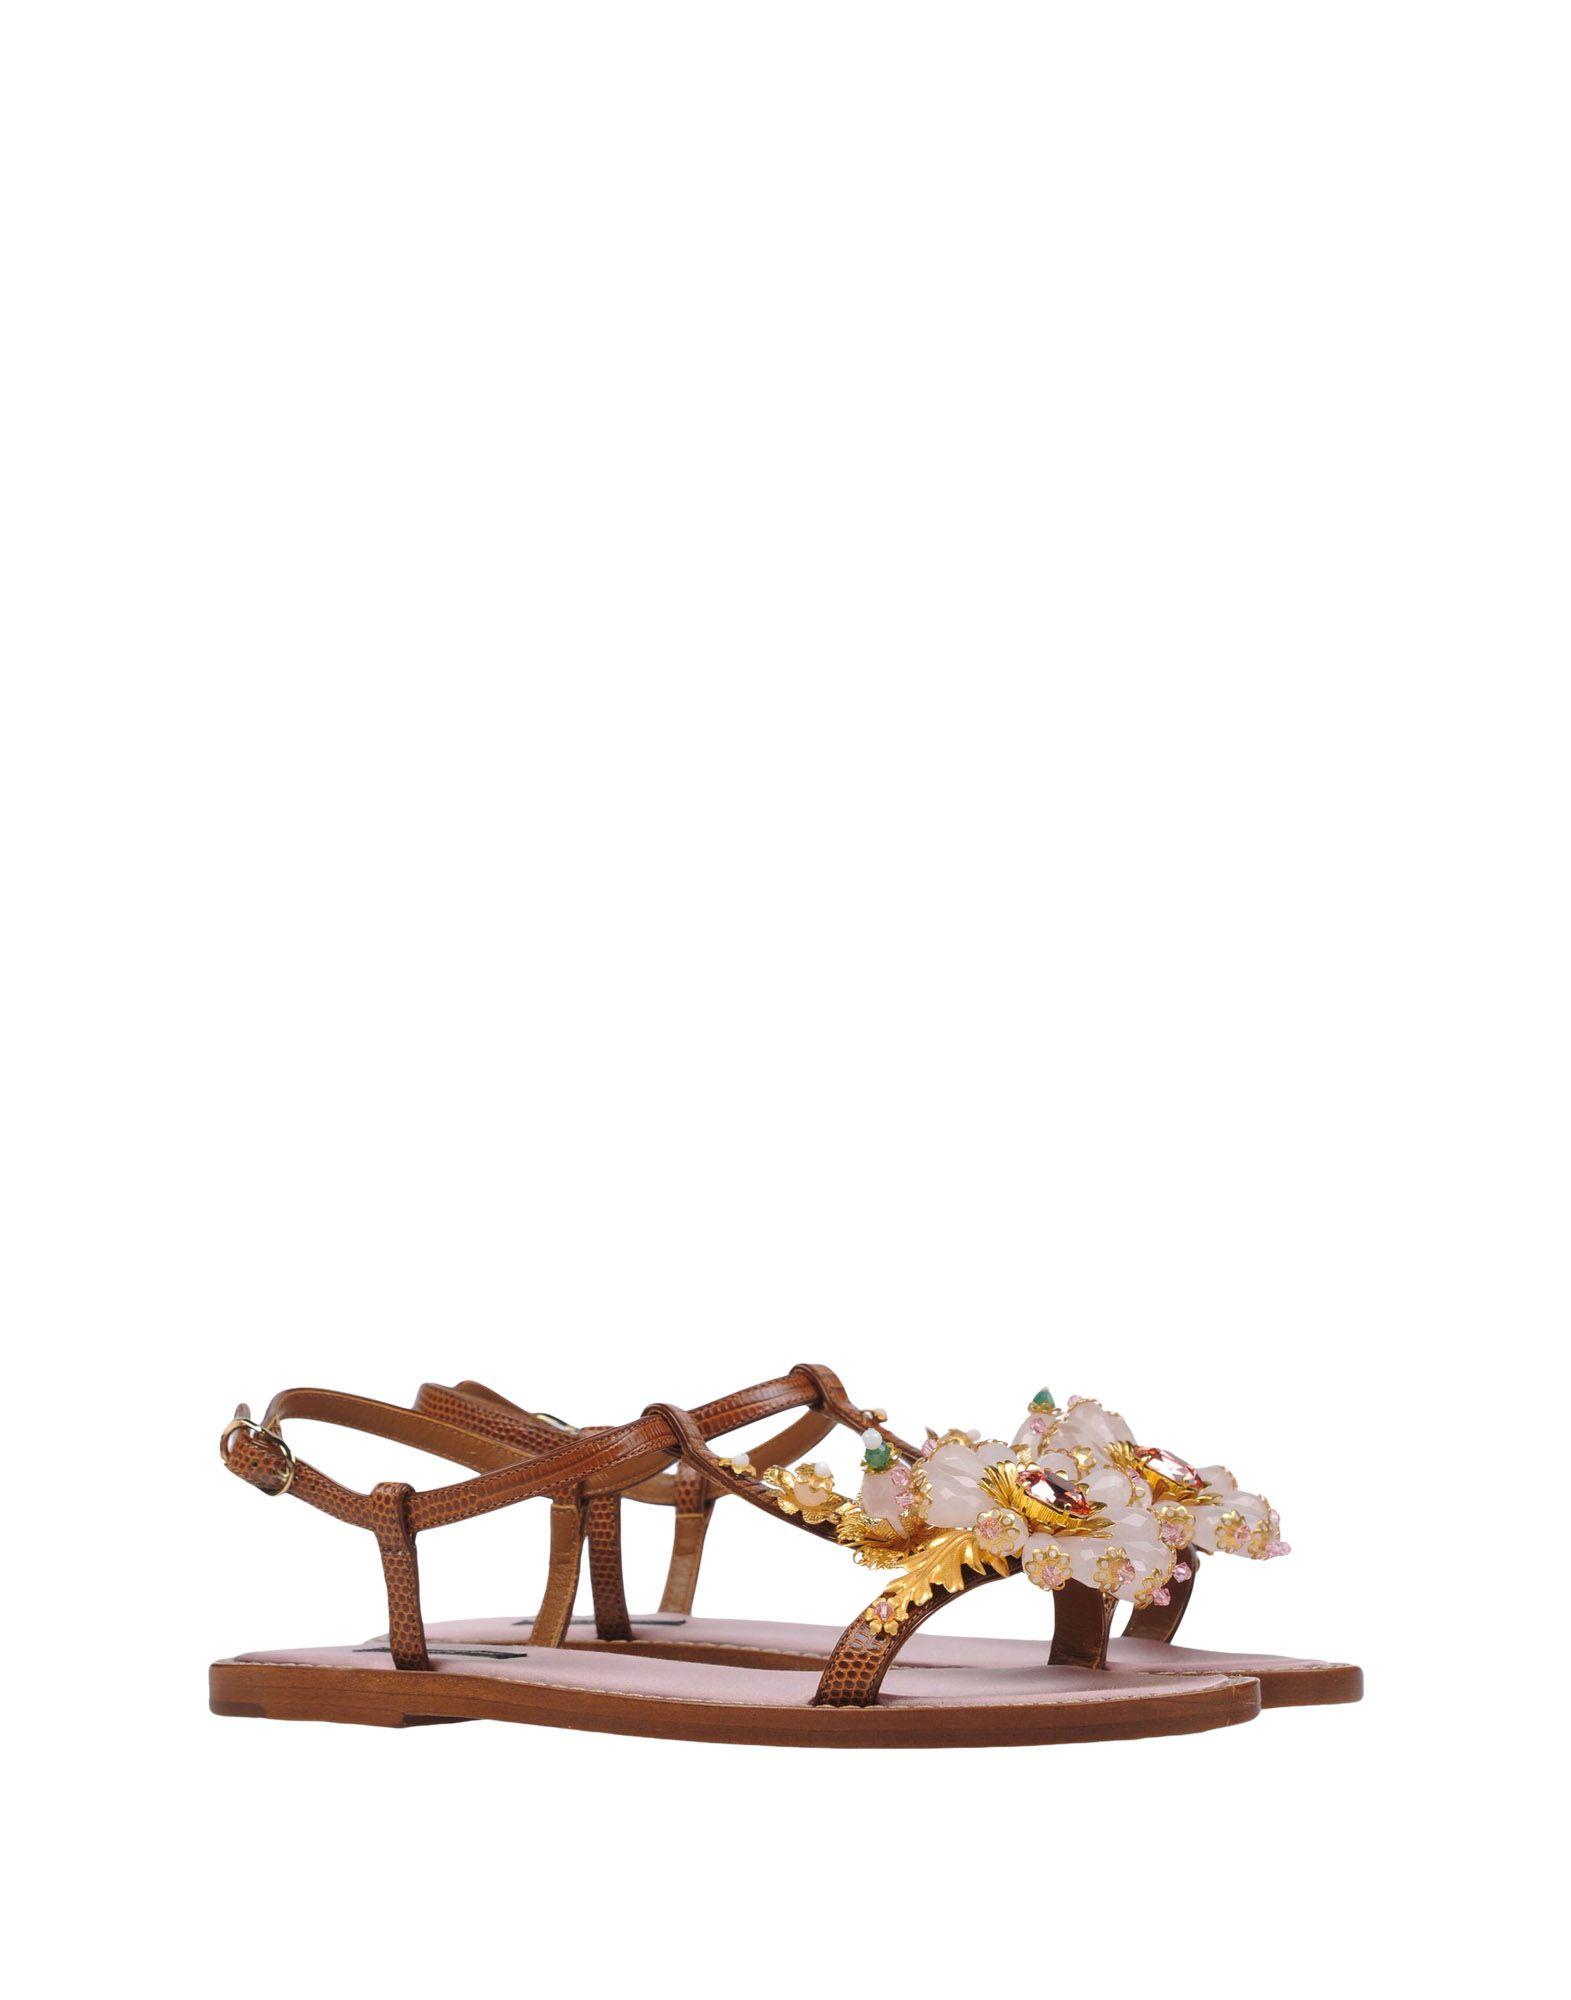 Dolce & Gabbana Sandalen Damen Schuhe  11183550DUGünstige gut aussehende Schuhe Damen 3d0459